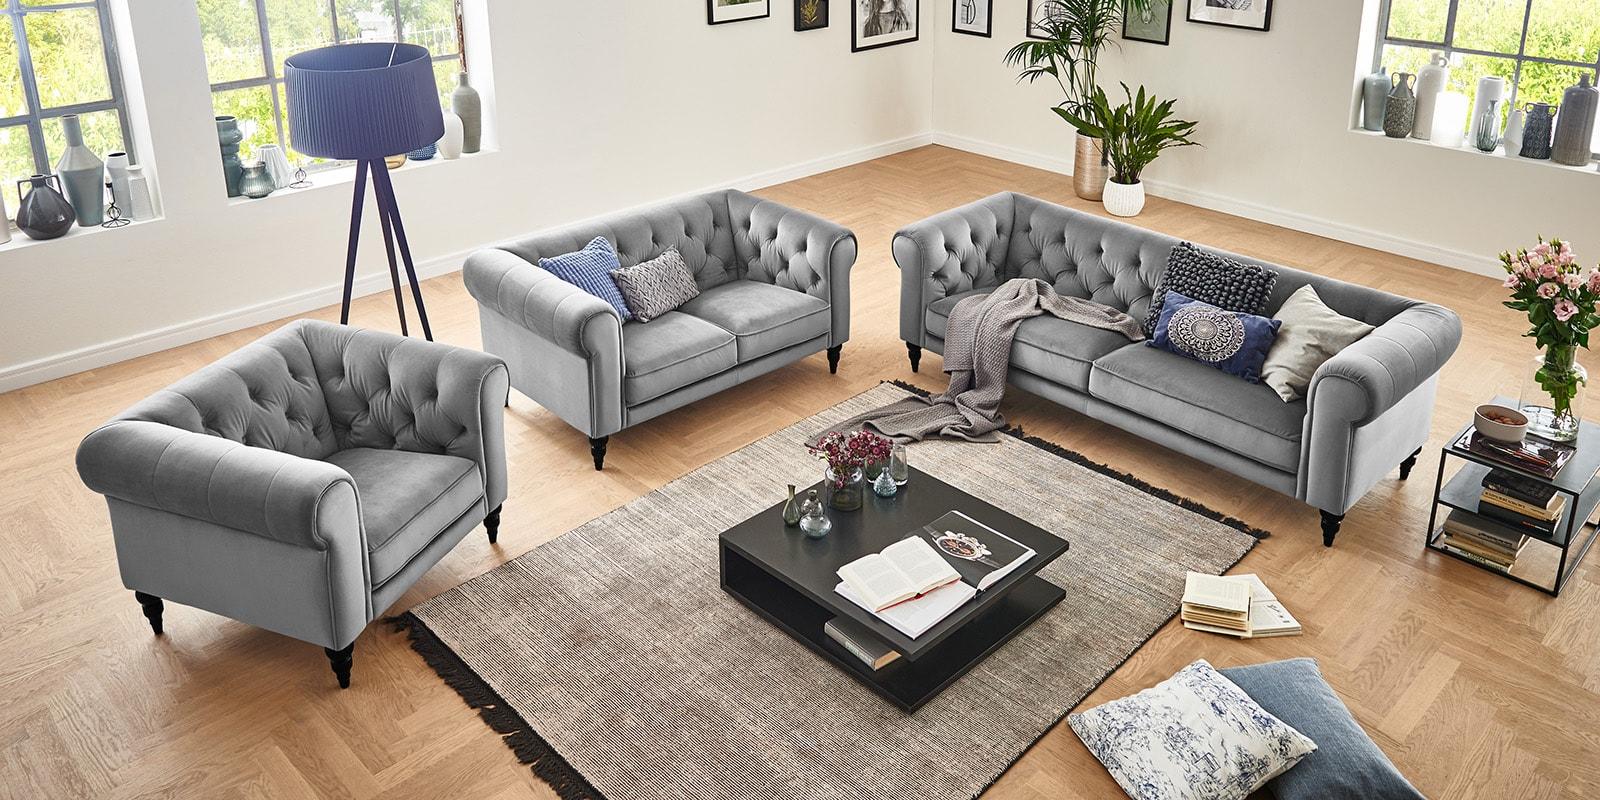 Moebella24 - 3-2-1-Sitzer - Sofa - Hudson - Chesterfield - Samt - Grau - Dekorative - Nähte - und - Versteppungen